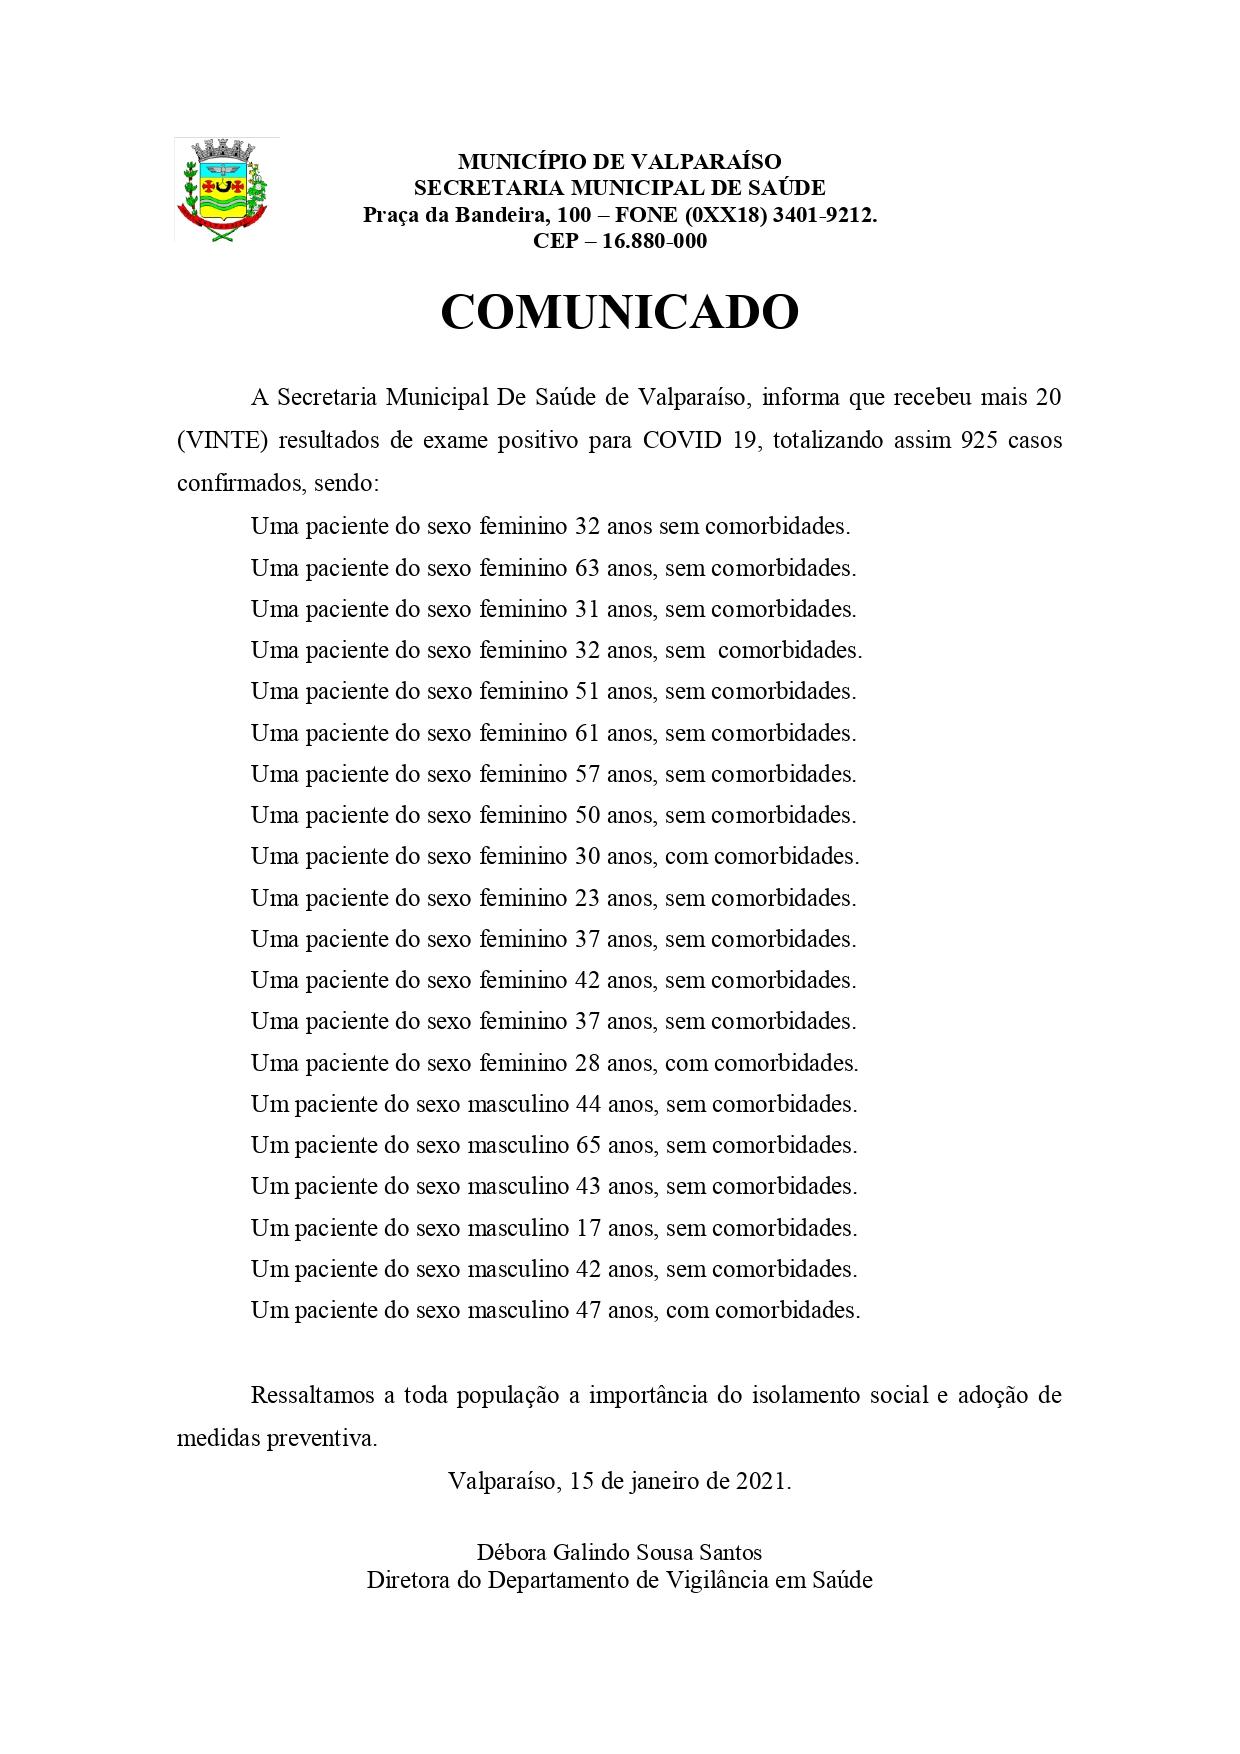 covid925